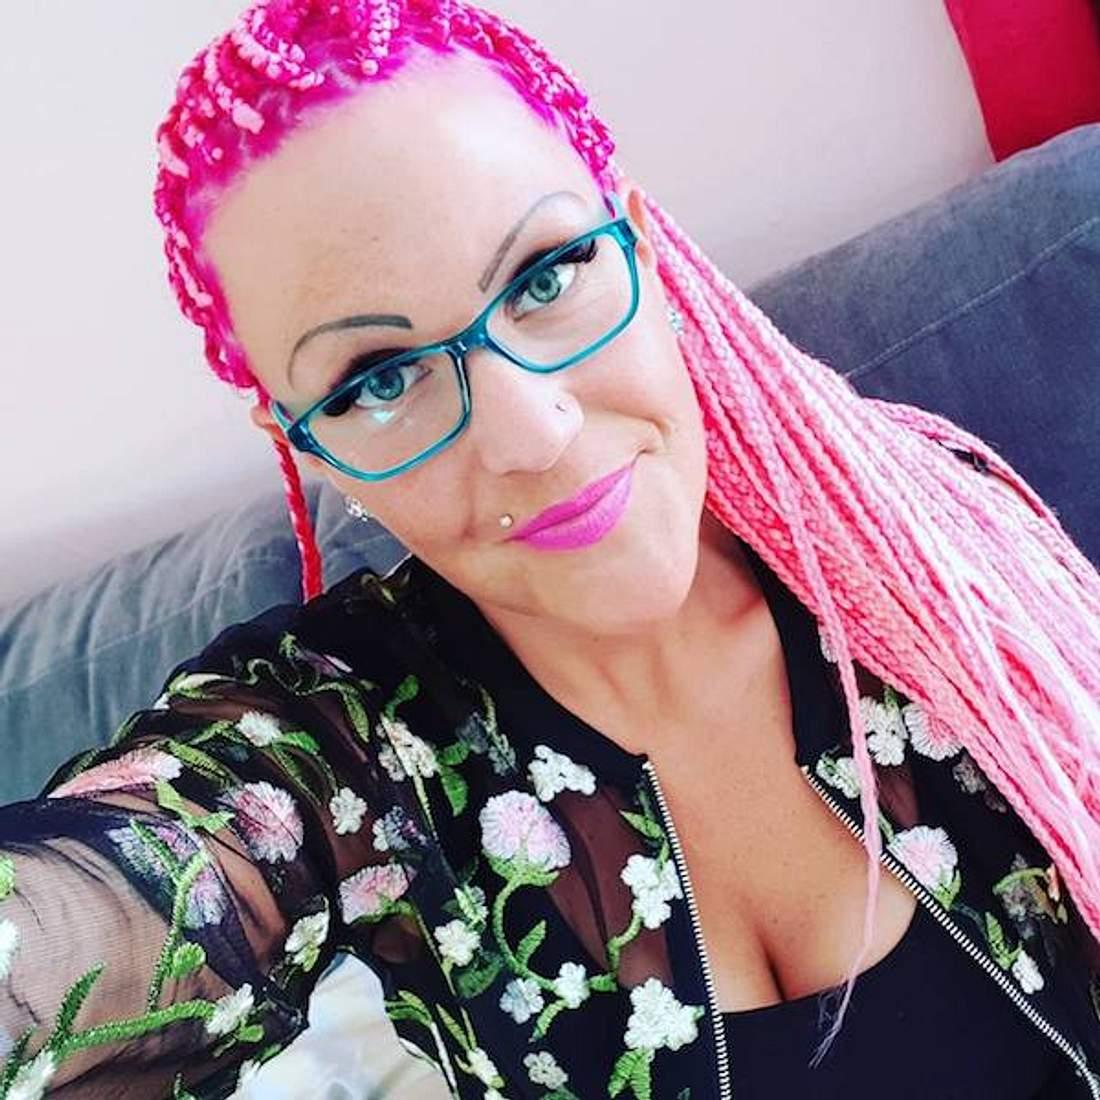 Pinke Rastas: Nadine Zucker zeigt ihre neue Frisur